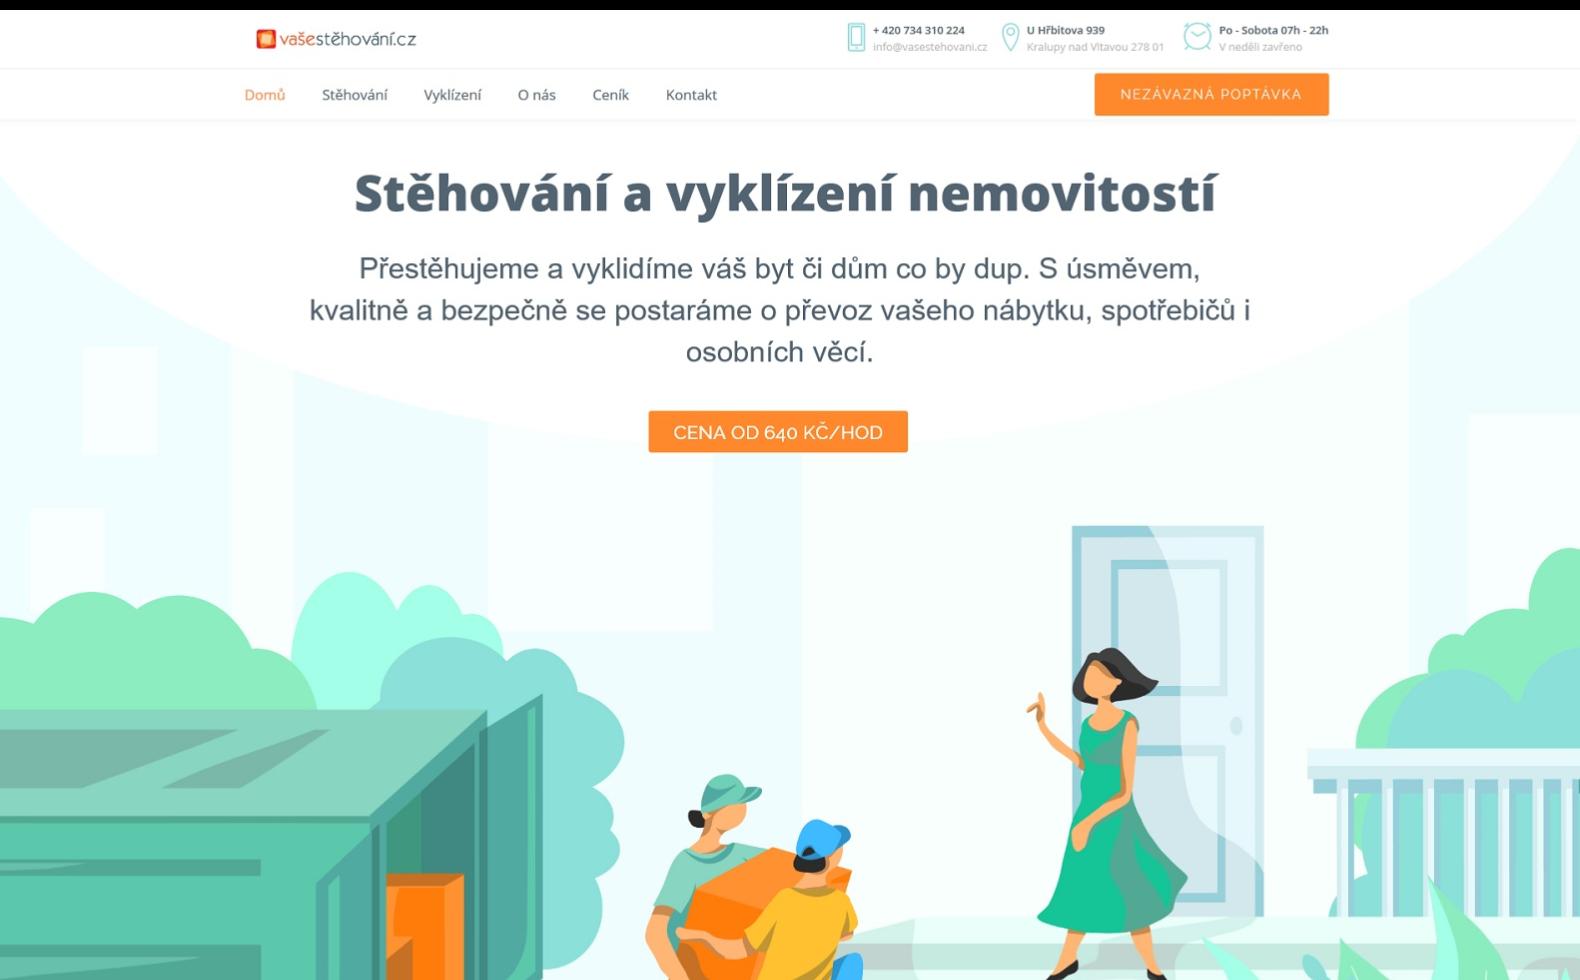 Vaše stěhování reference webu Dagmara Málková webdesignér a konzultant wordpress